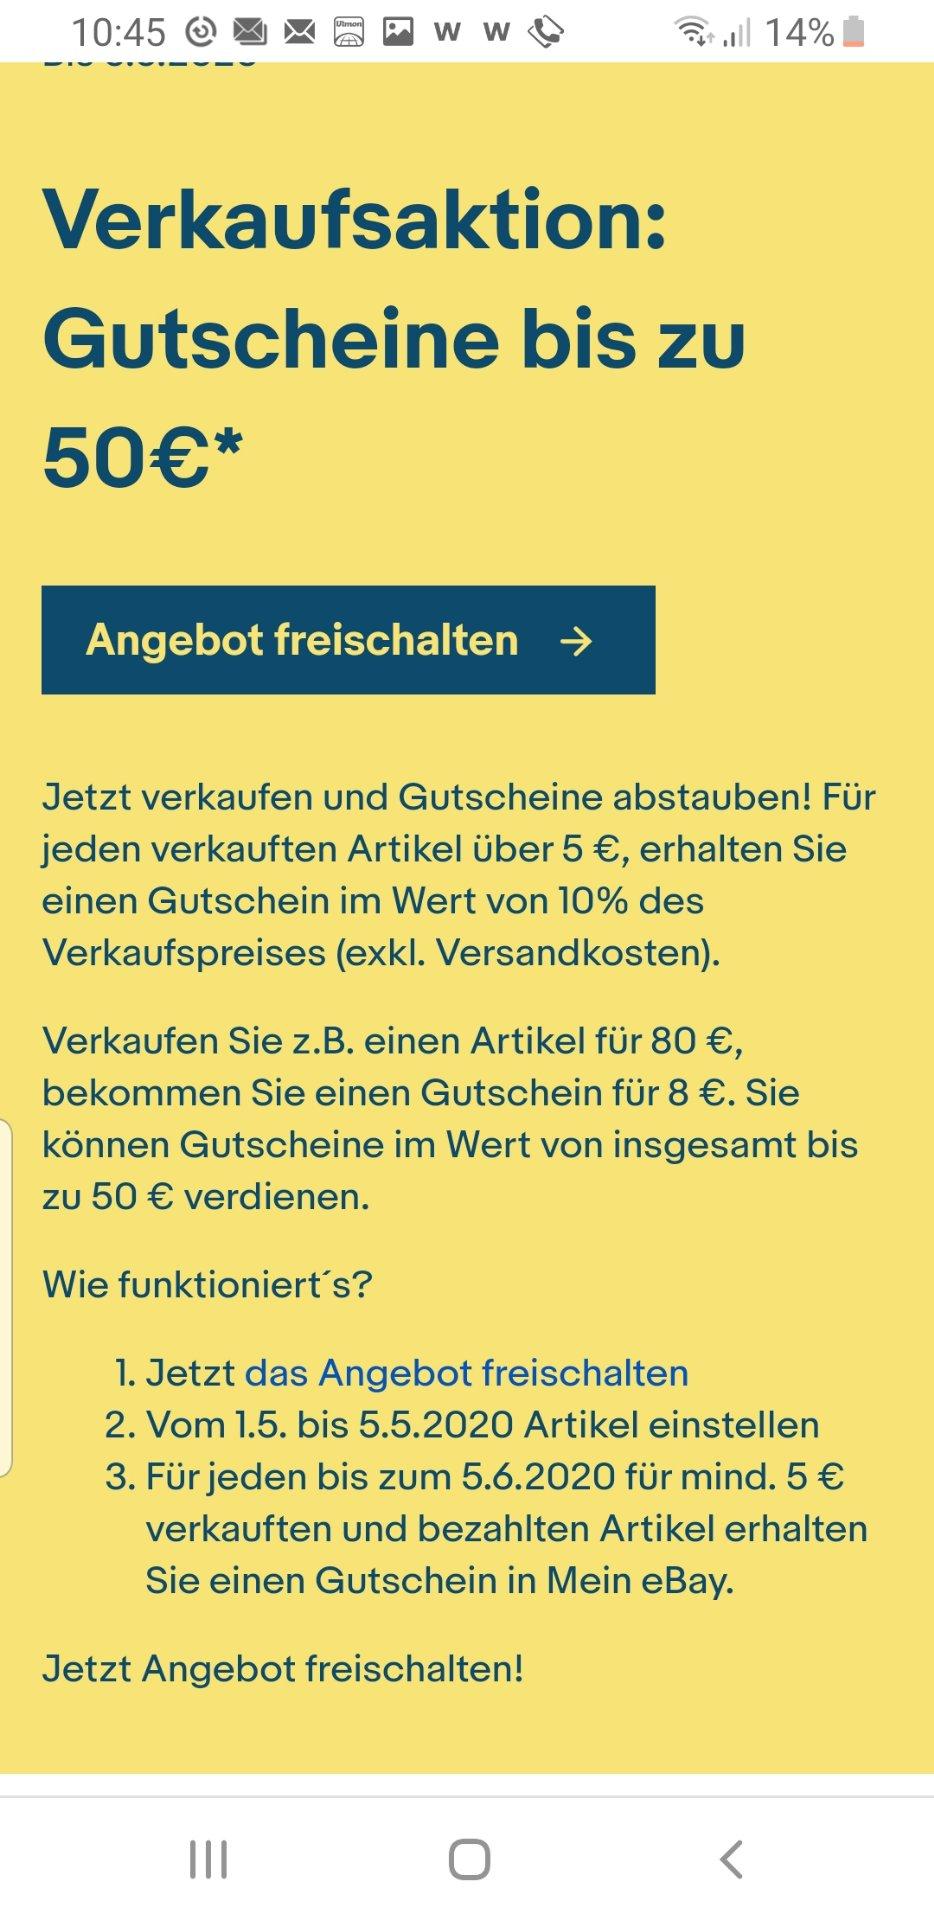 Ebay 10% Gutschein